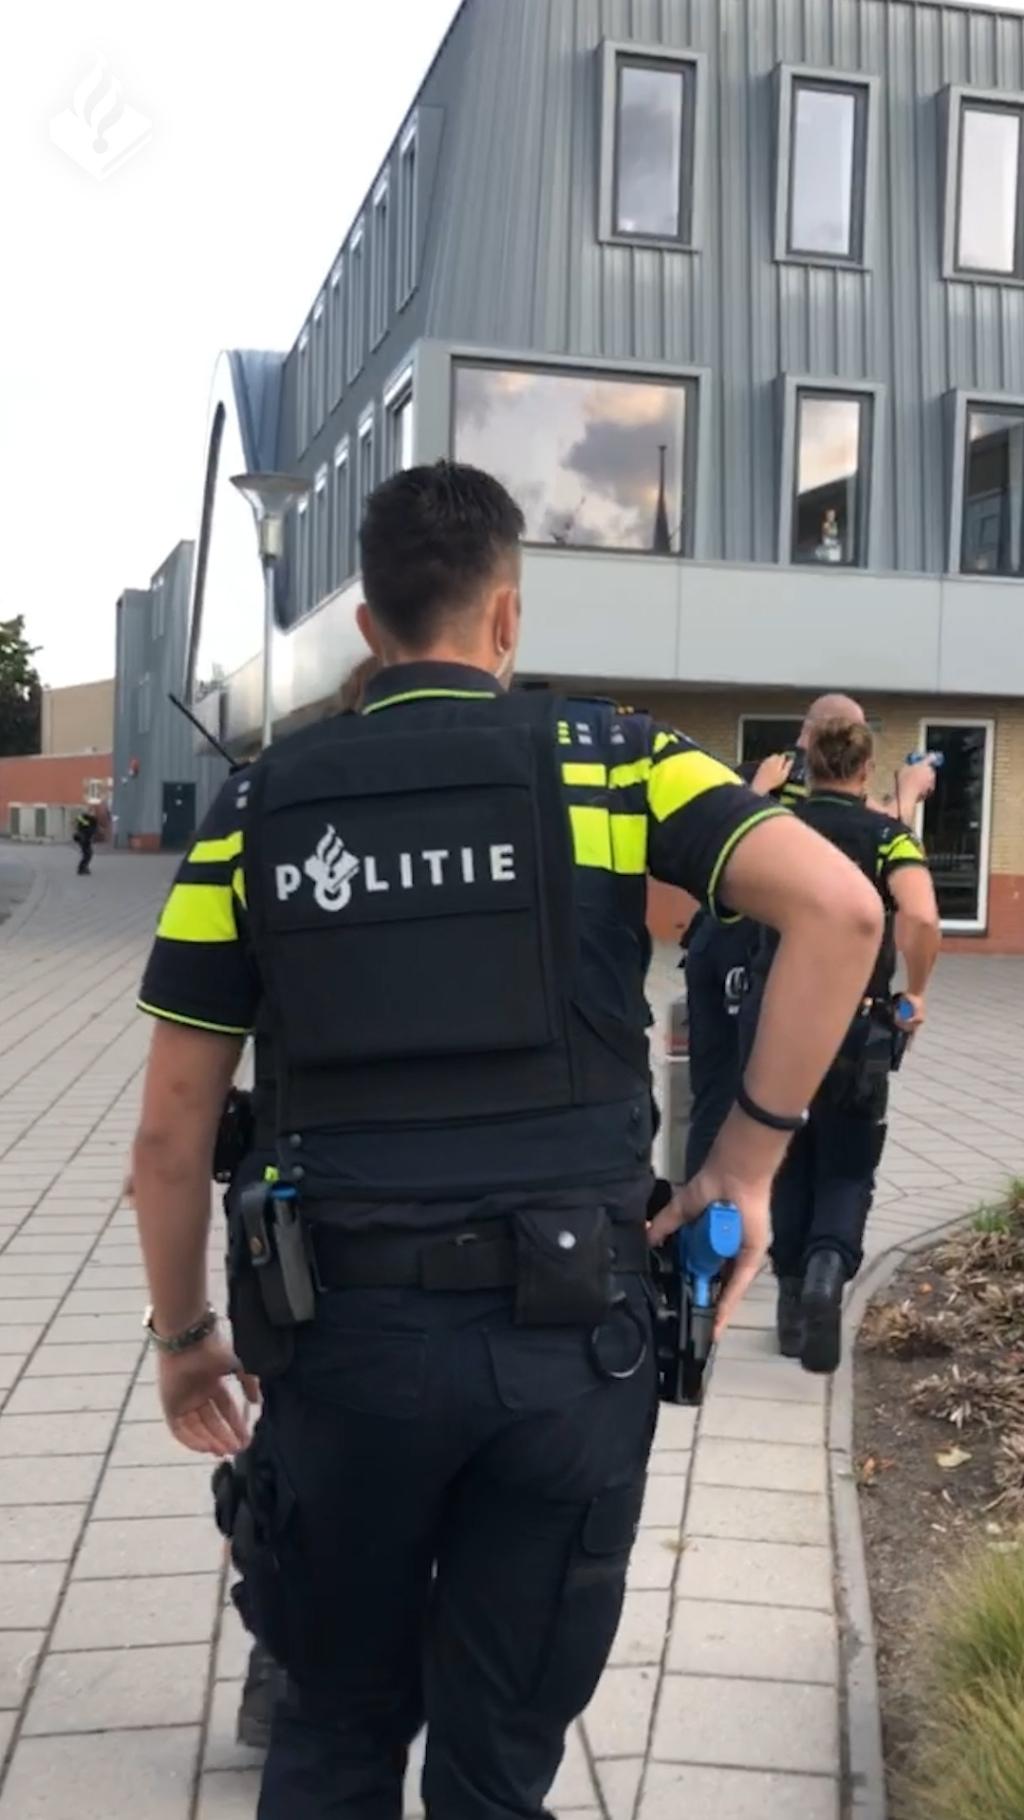 Het team heeft een melding gekregen over een gijzeling in een schoolgebouw Foto: Politie Oost-Nederland © DPG Media